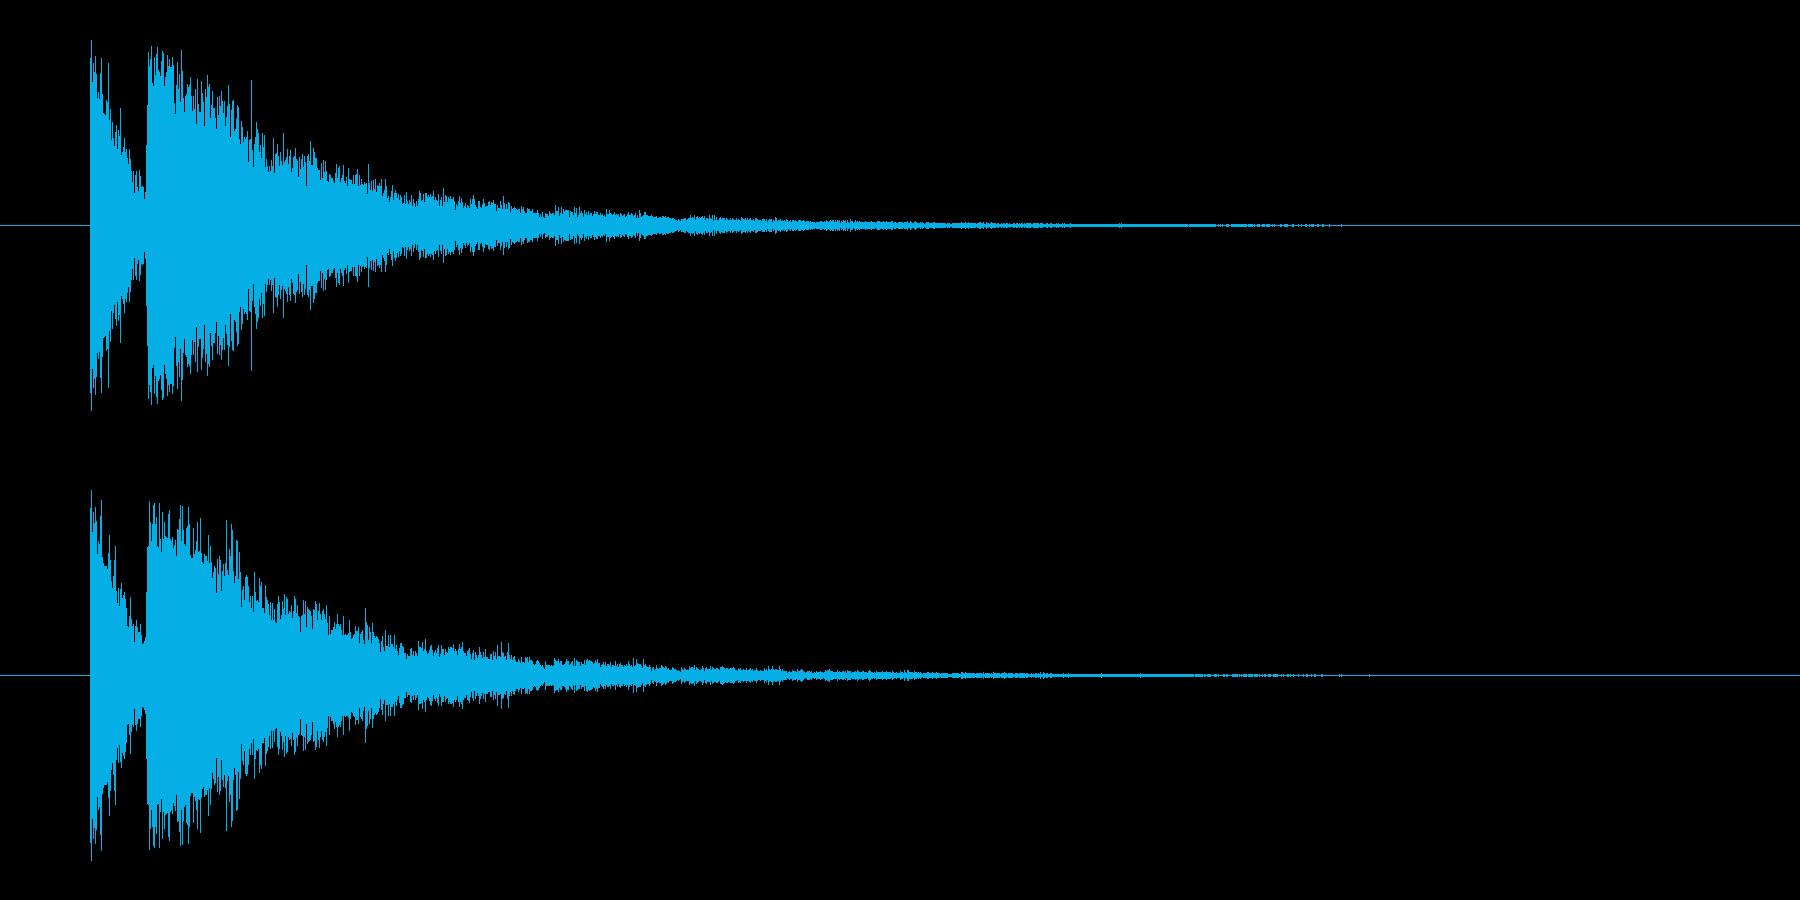 ビームライフル3★エコーリバーブ有の再生済みの波形